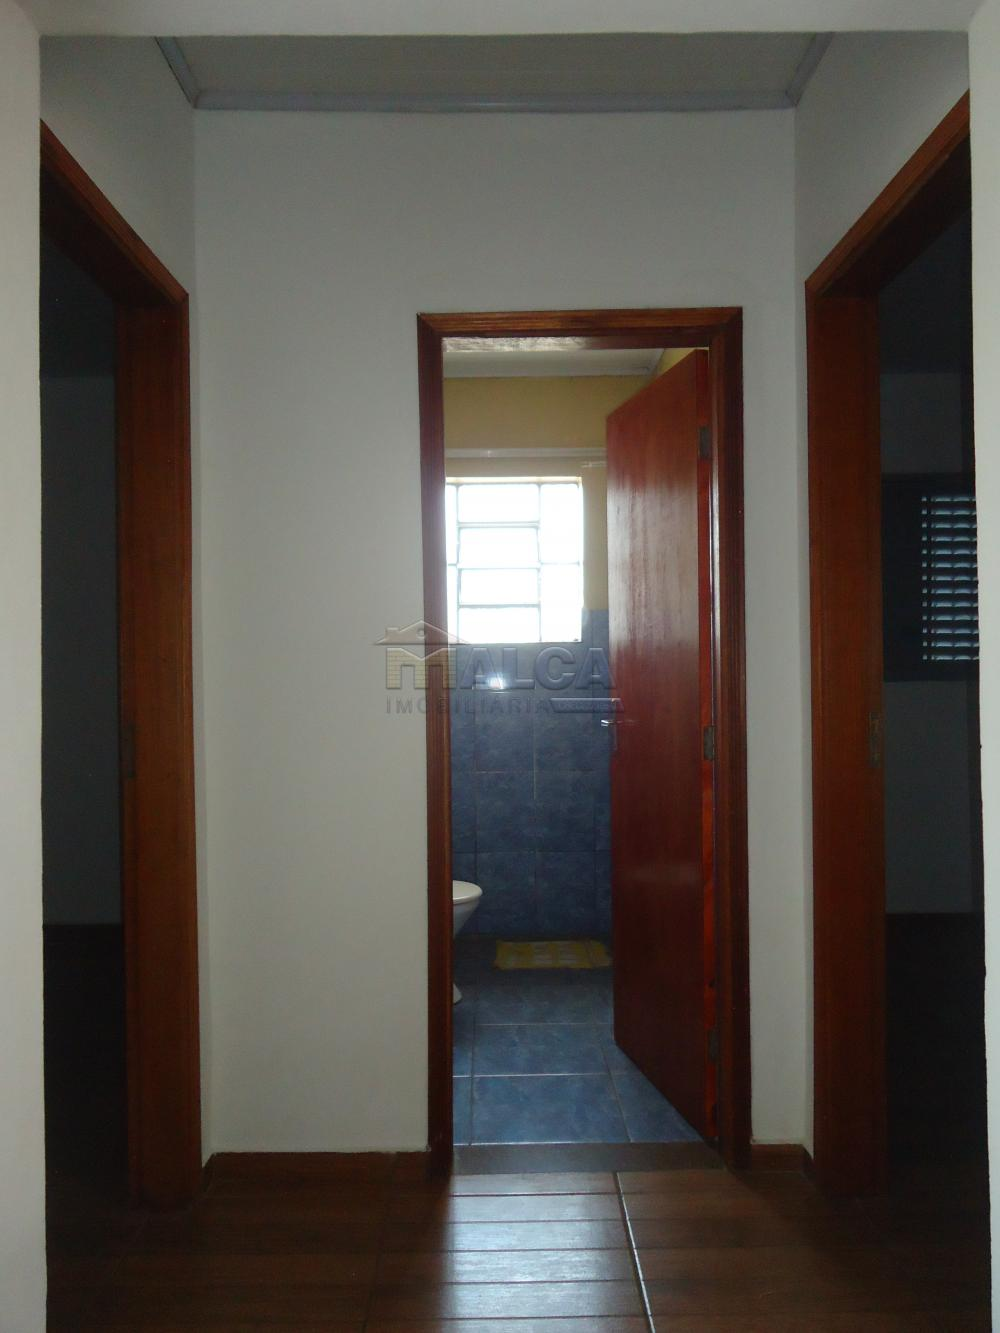 Alugar Casas / Padrão em São José do Rio Pardo apenas R$ 770,00 - Foto 8